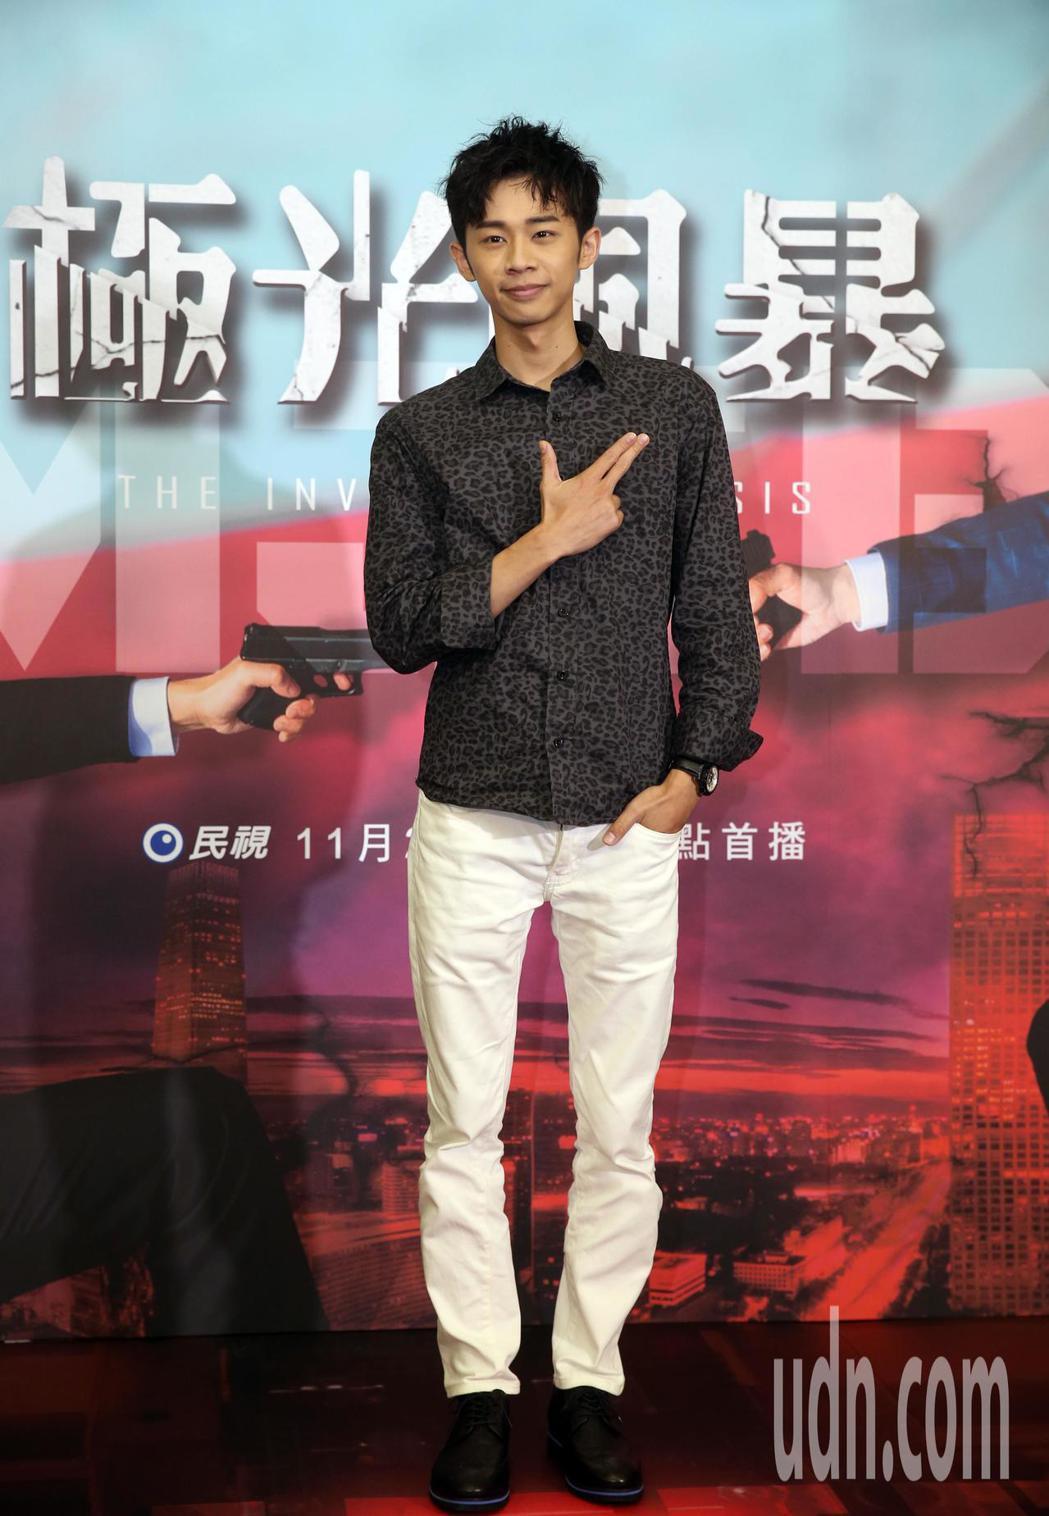 民視電視電影「極光風暴」首映記者會,吳政迪出席,調查局長呂文忠也出席首映會。記者